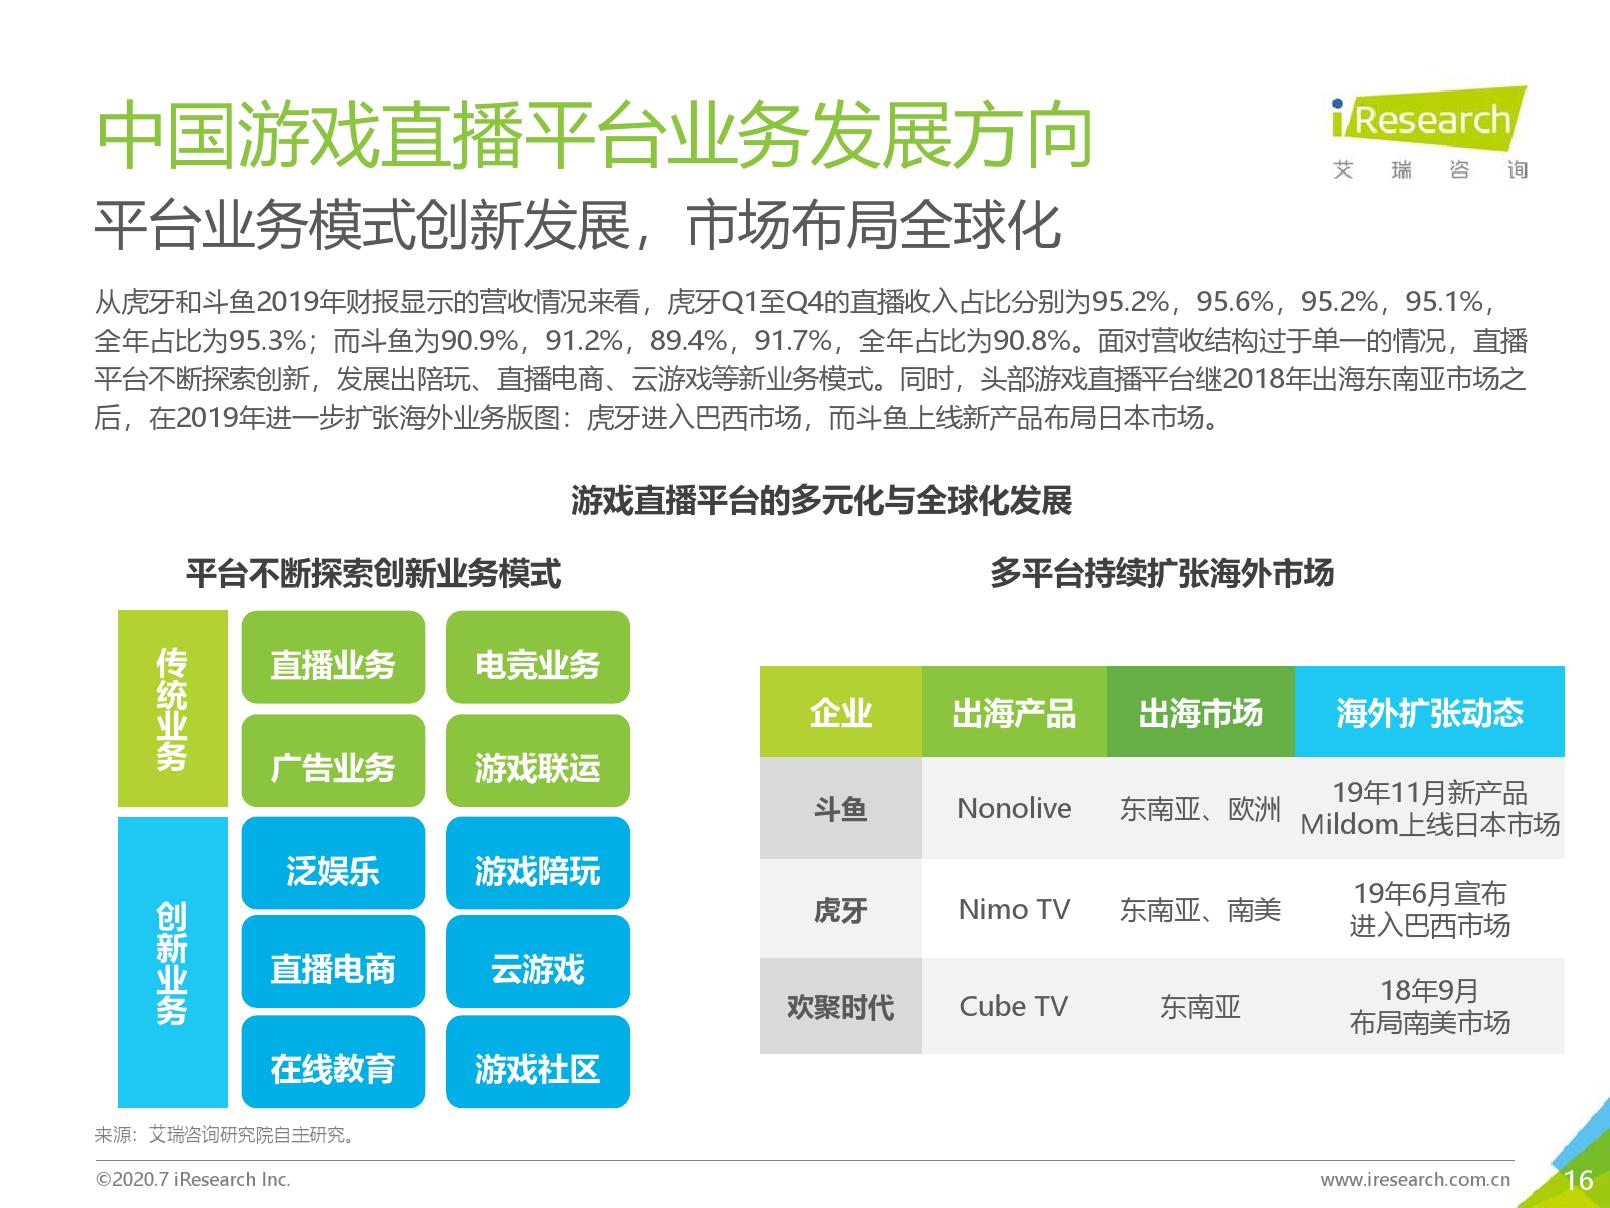 艾瑞咨询:2020年中国游戏直播行业研究报告(可下载报告)插图(31)